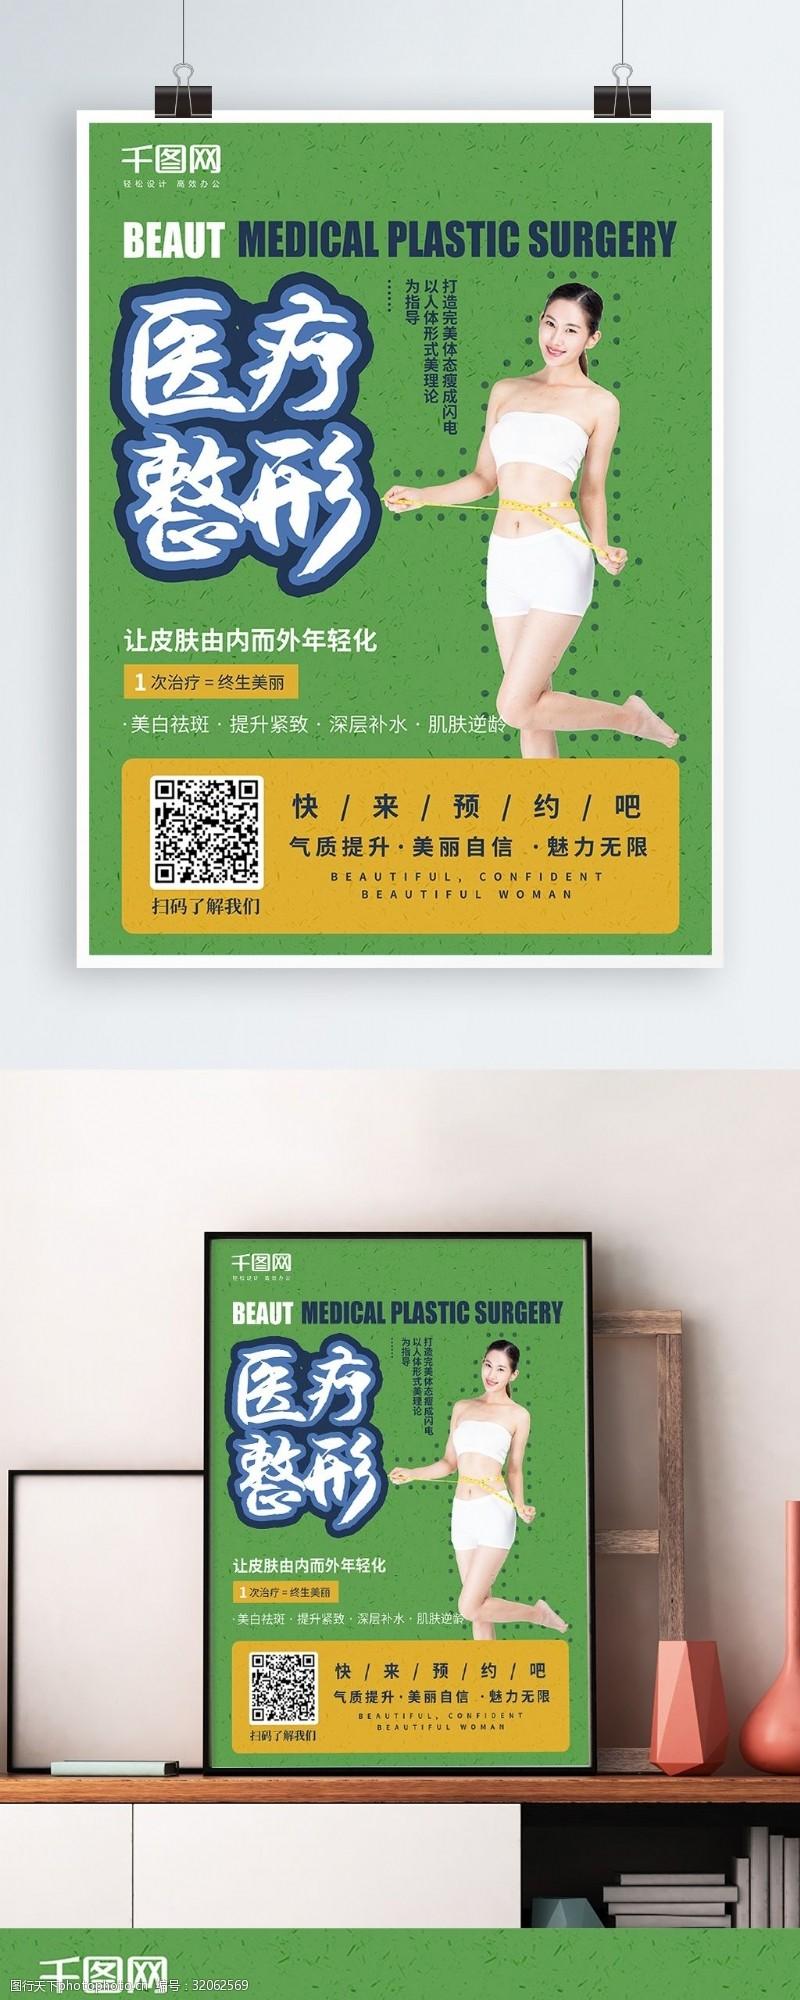 整形医疗原创小清新瘦身整形宣传海报